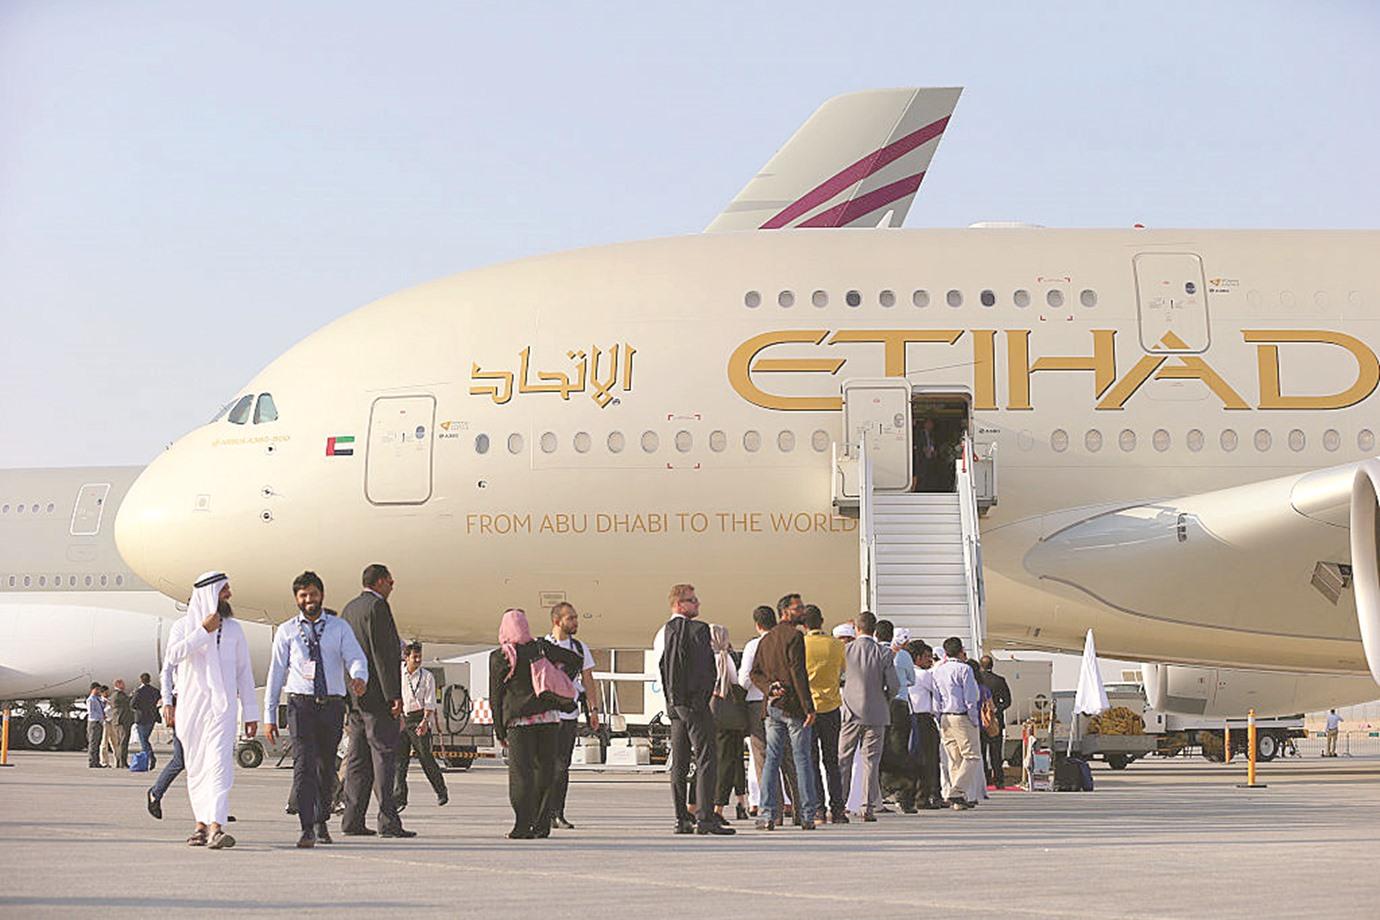 فوربس: 3.5 مليار دولار خسائر «طيران الاتحاد» في عامين